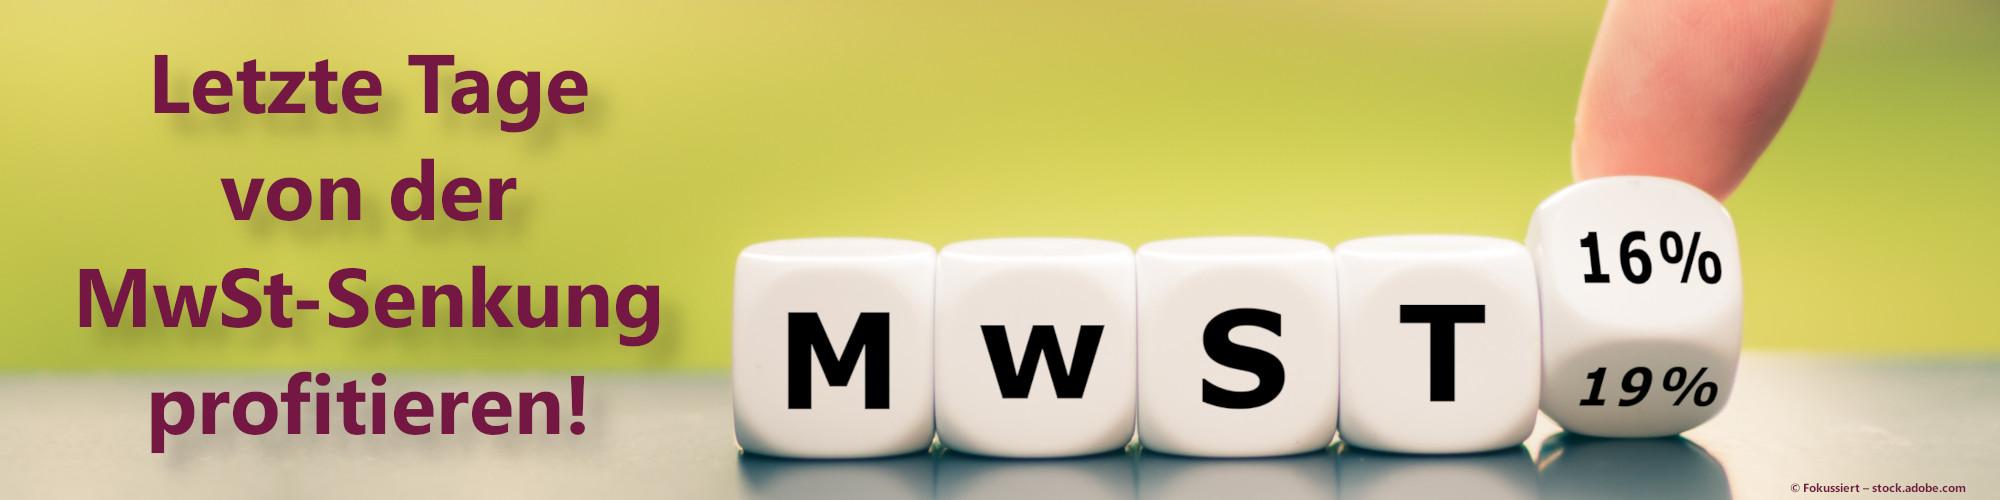 Profitiere von der MwSt-Senkung